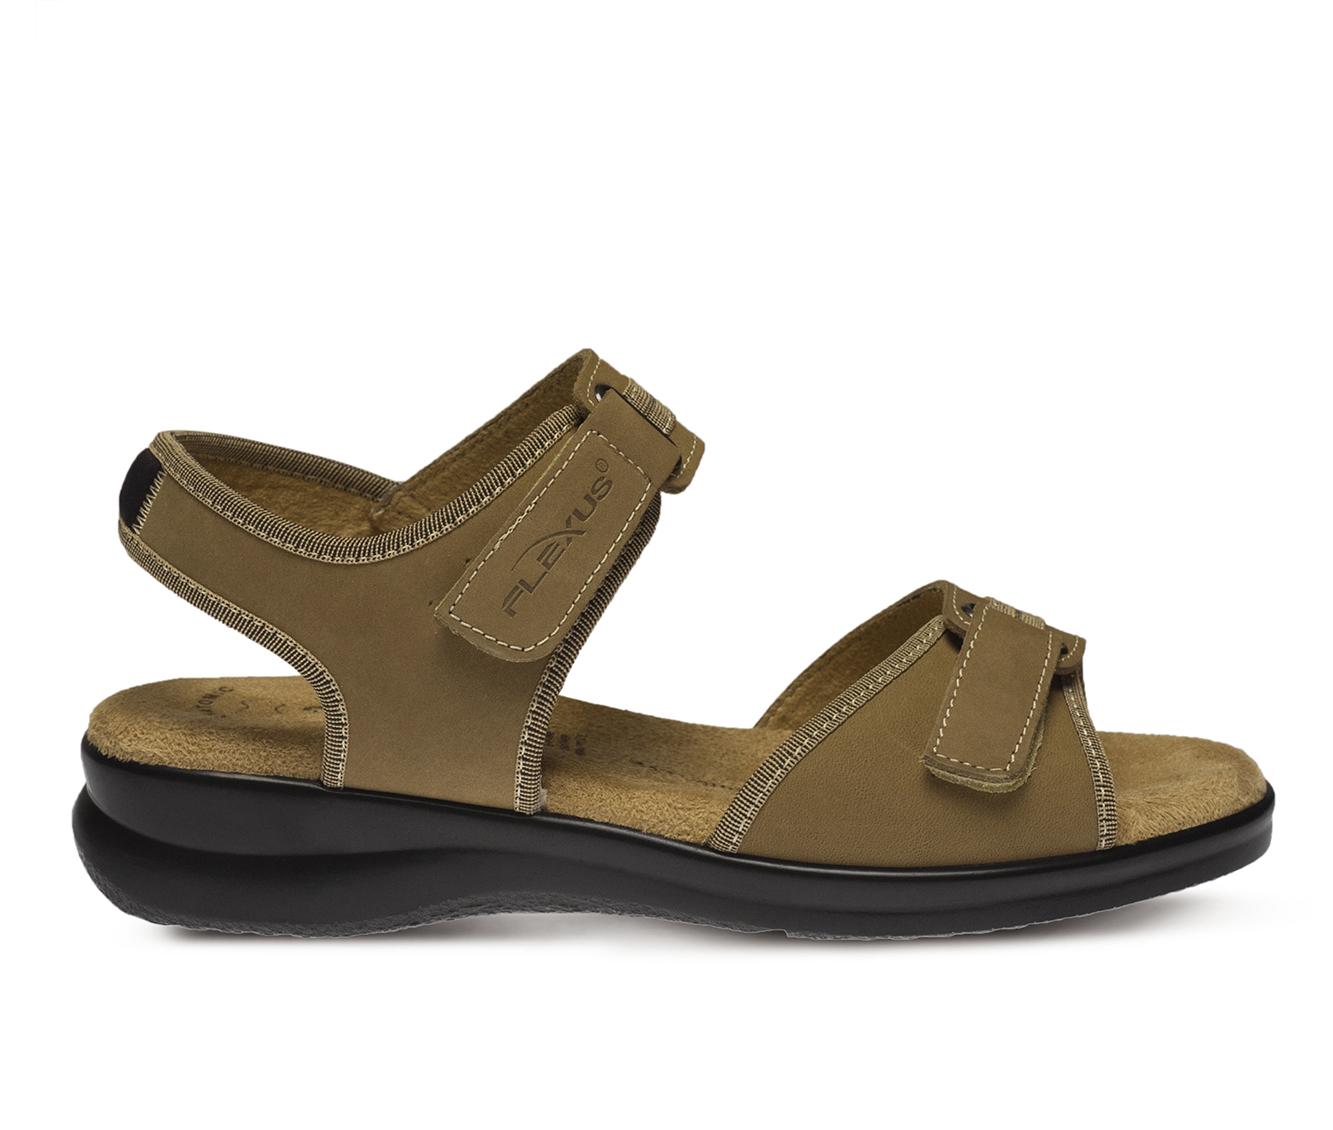 Flexus Danila Women's Sandal (Beige Leather)